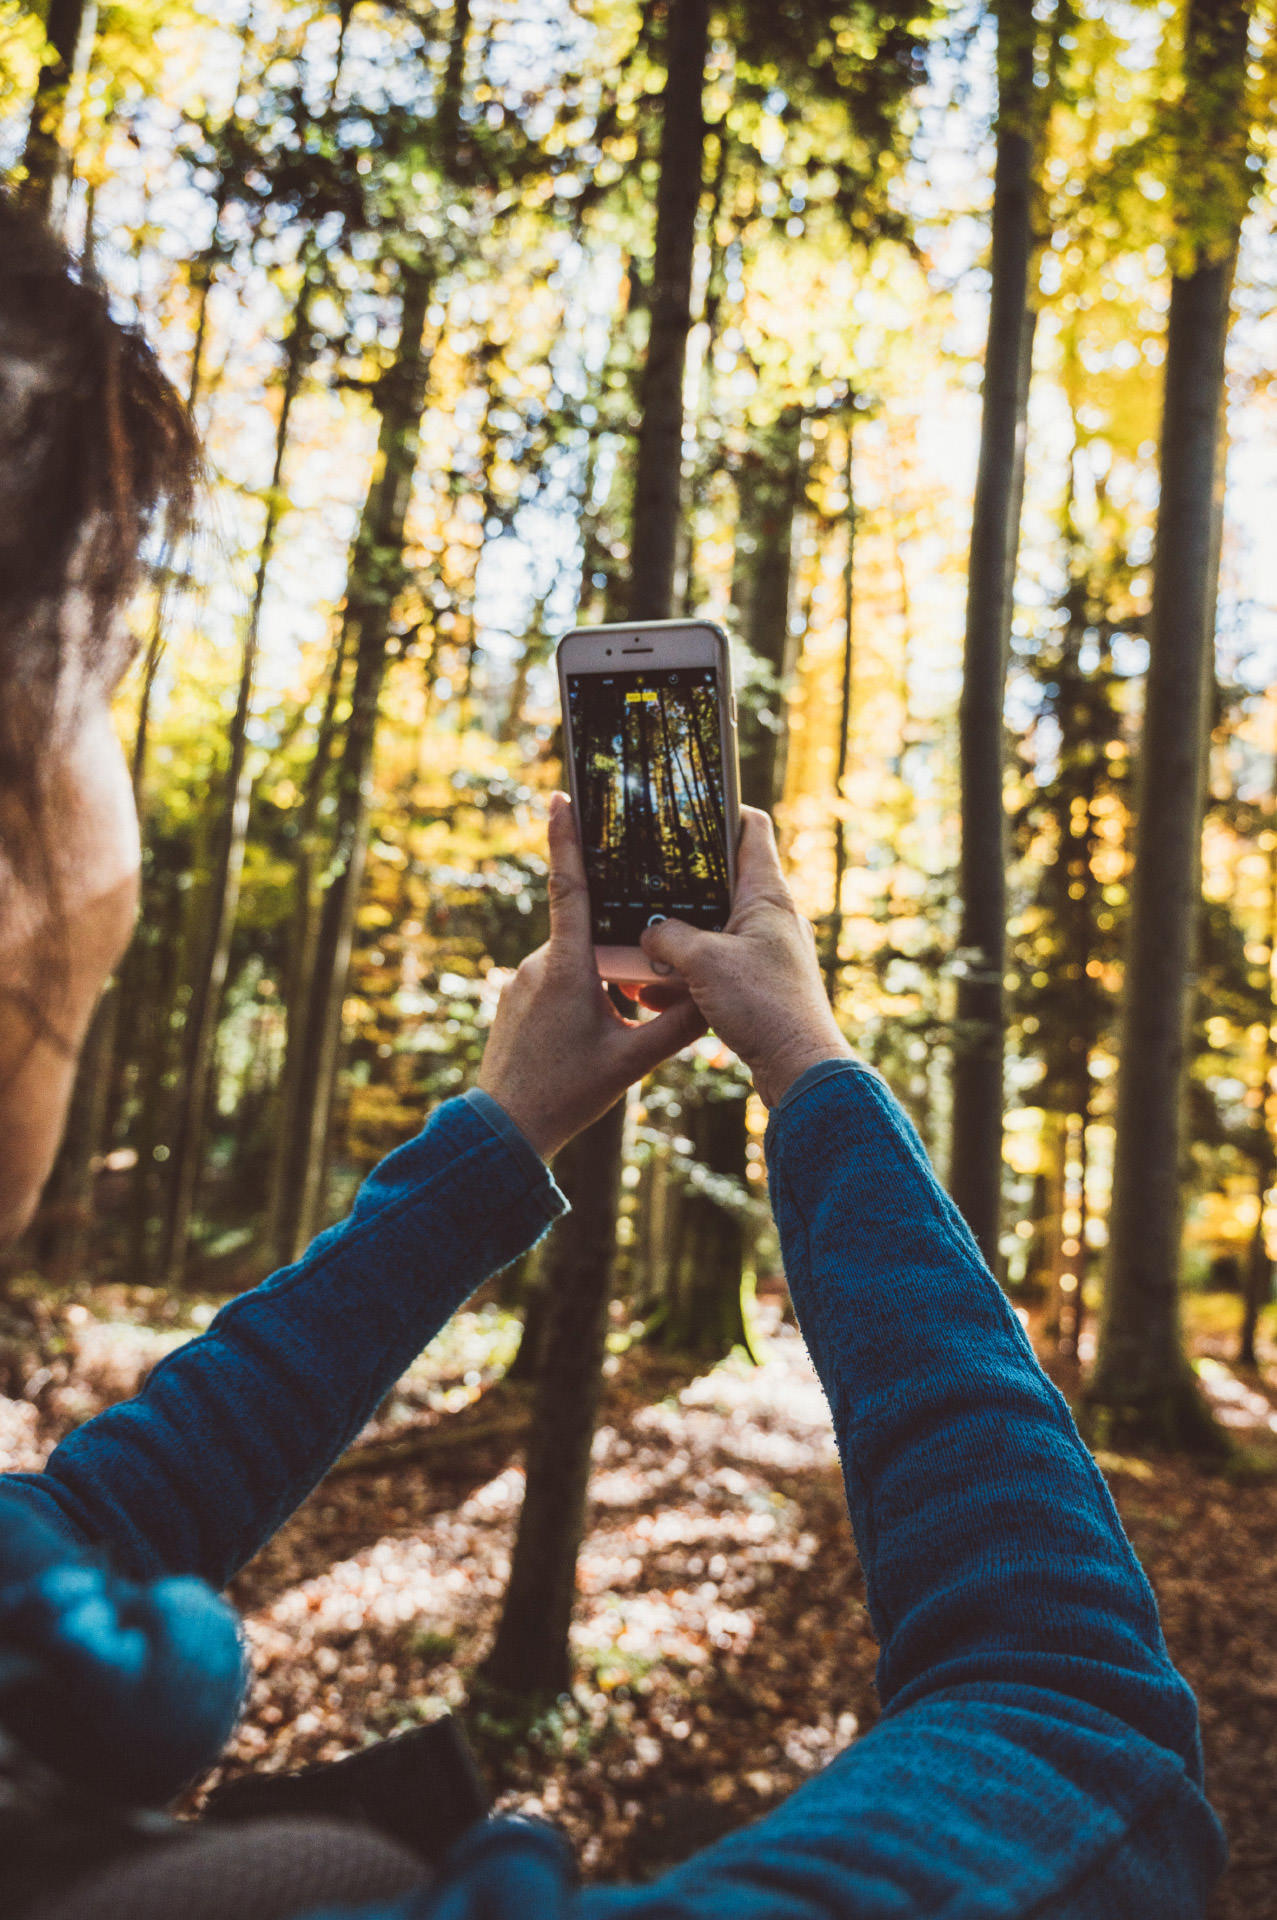 Fototipps im Herbst